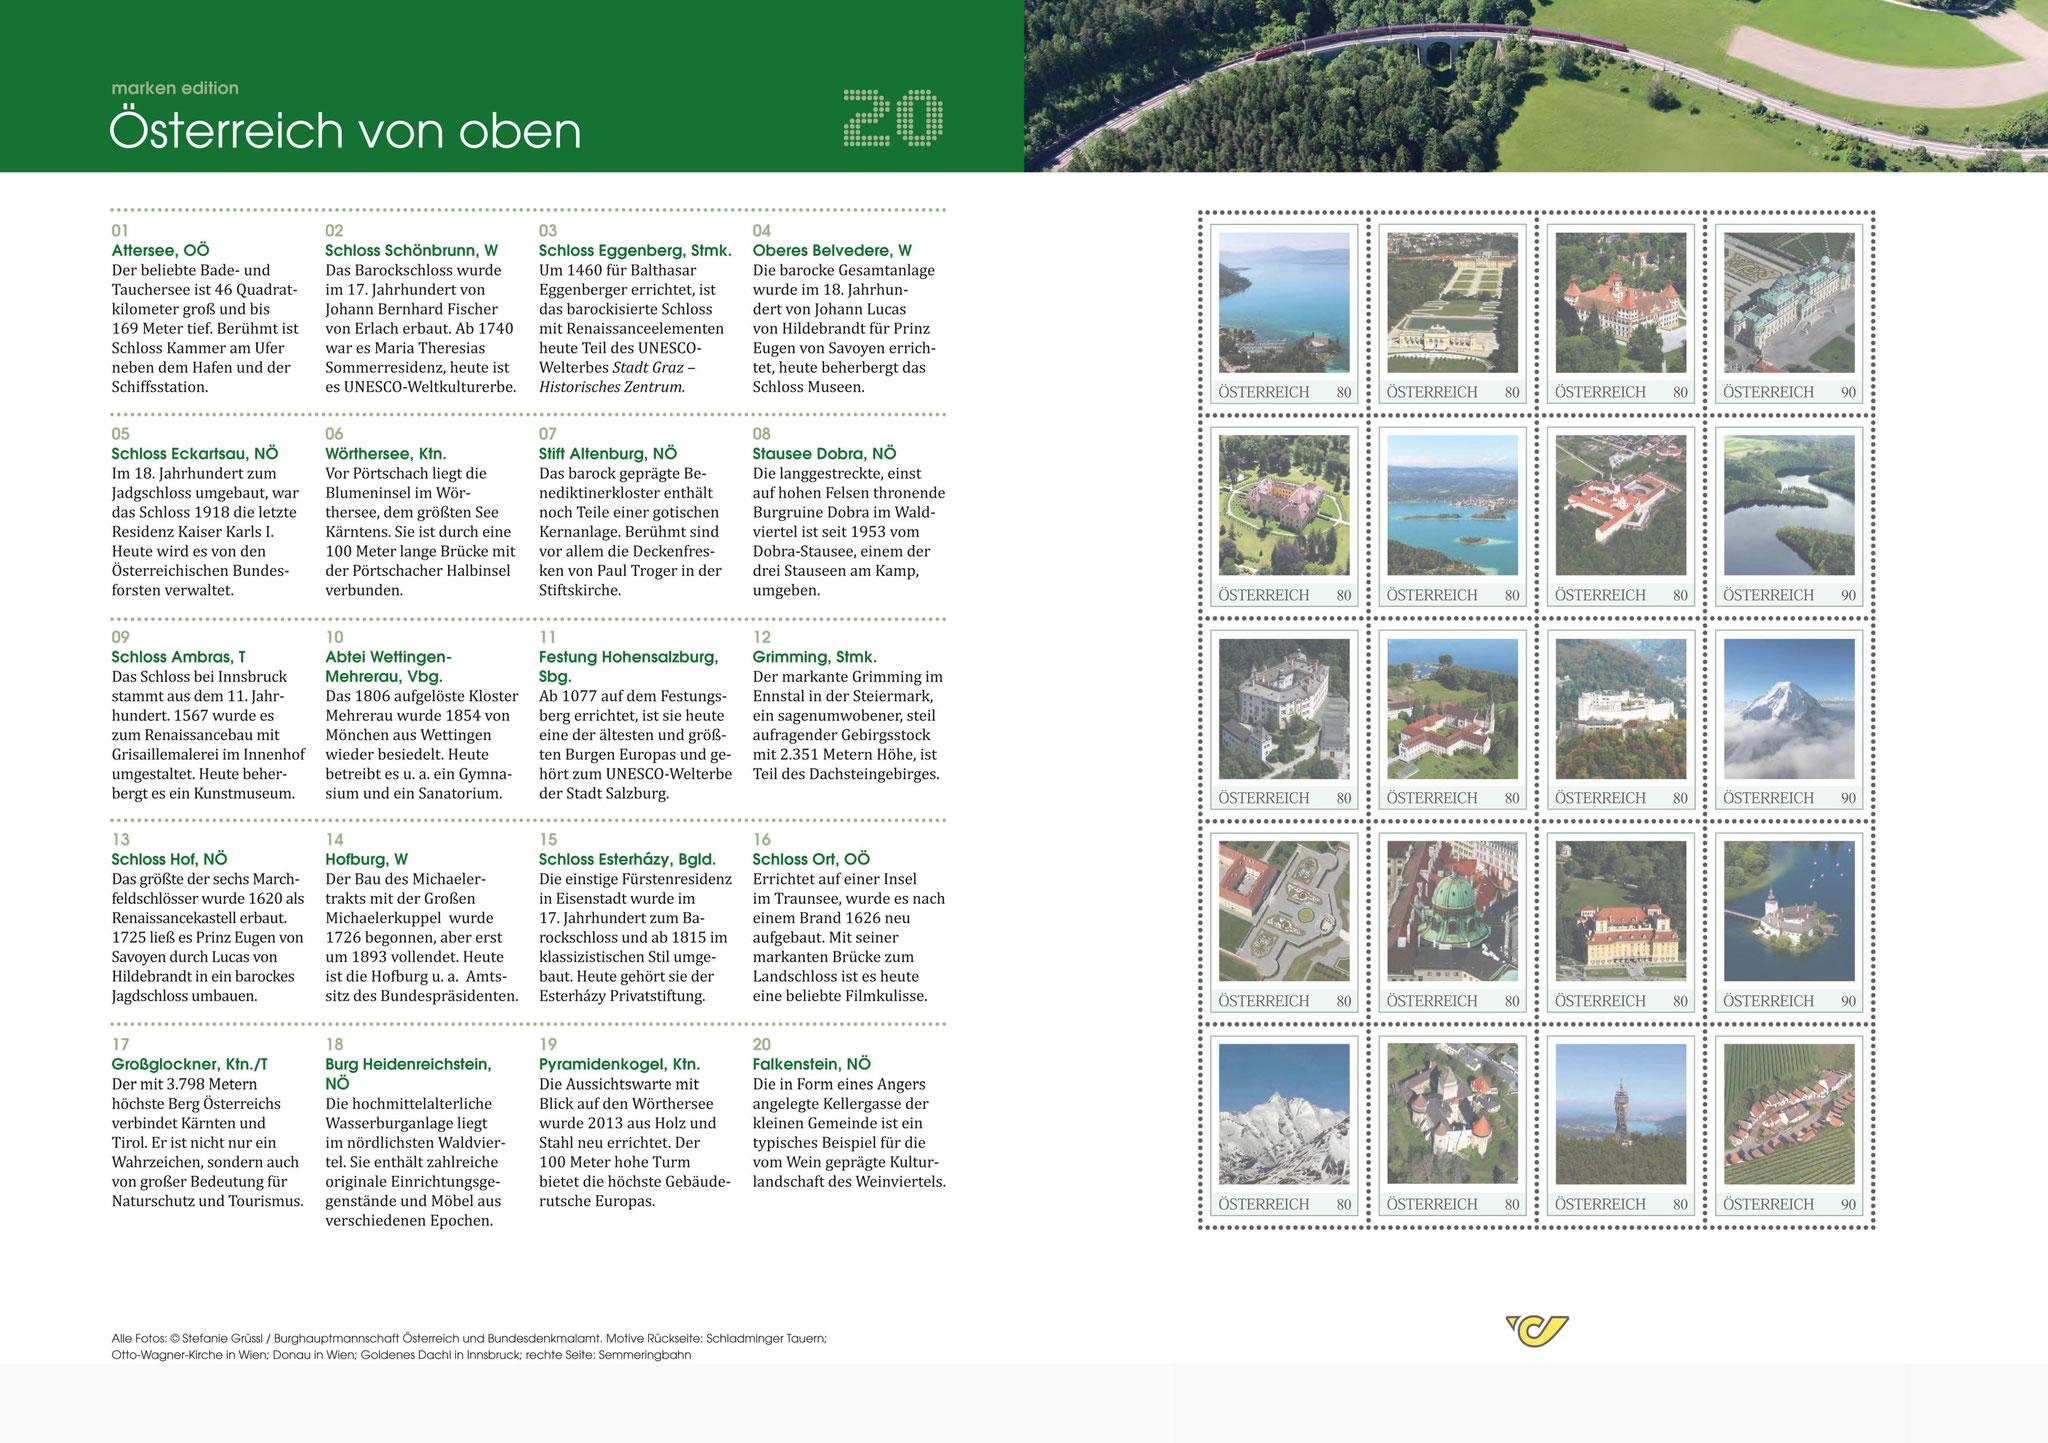 Markenedition mit 20 Luftaufnahmen von Stefanie Grüssl